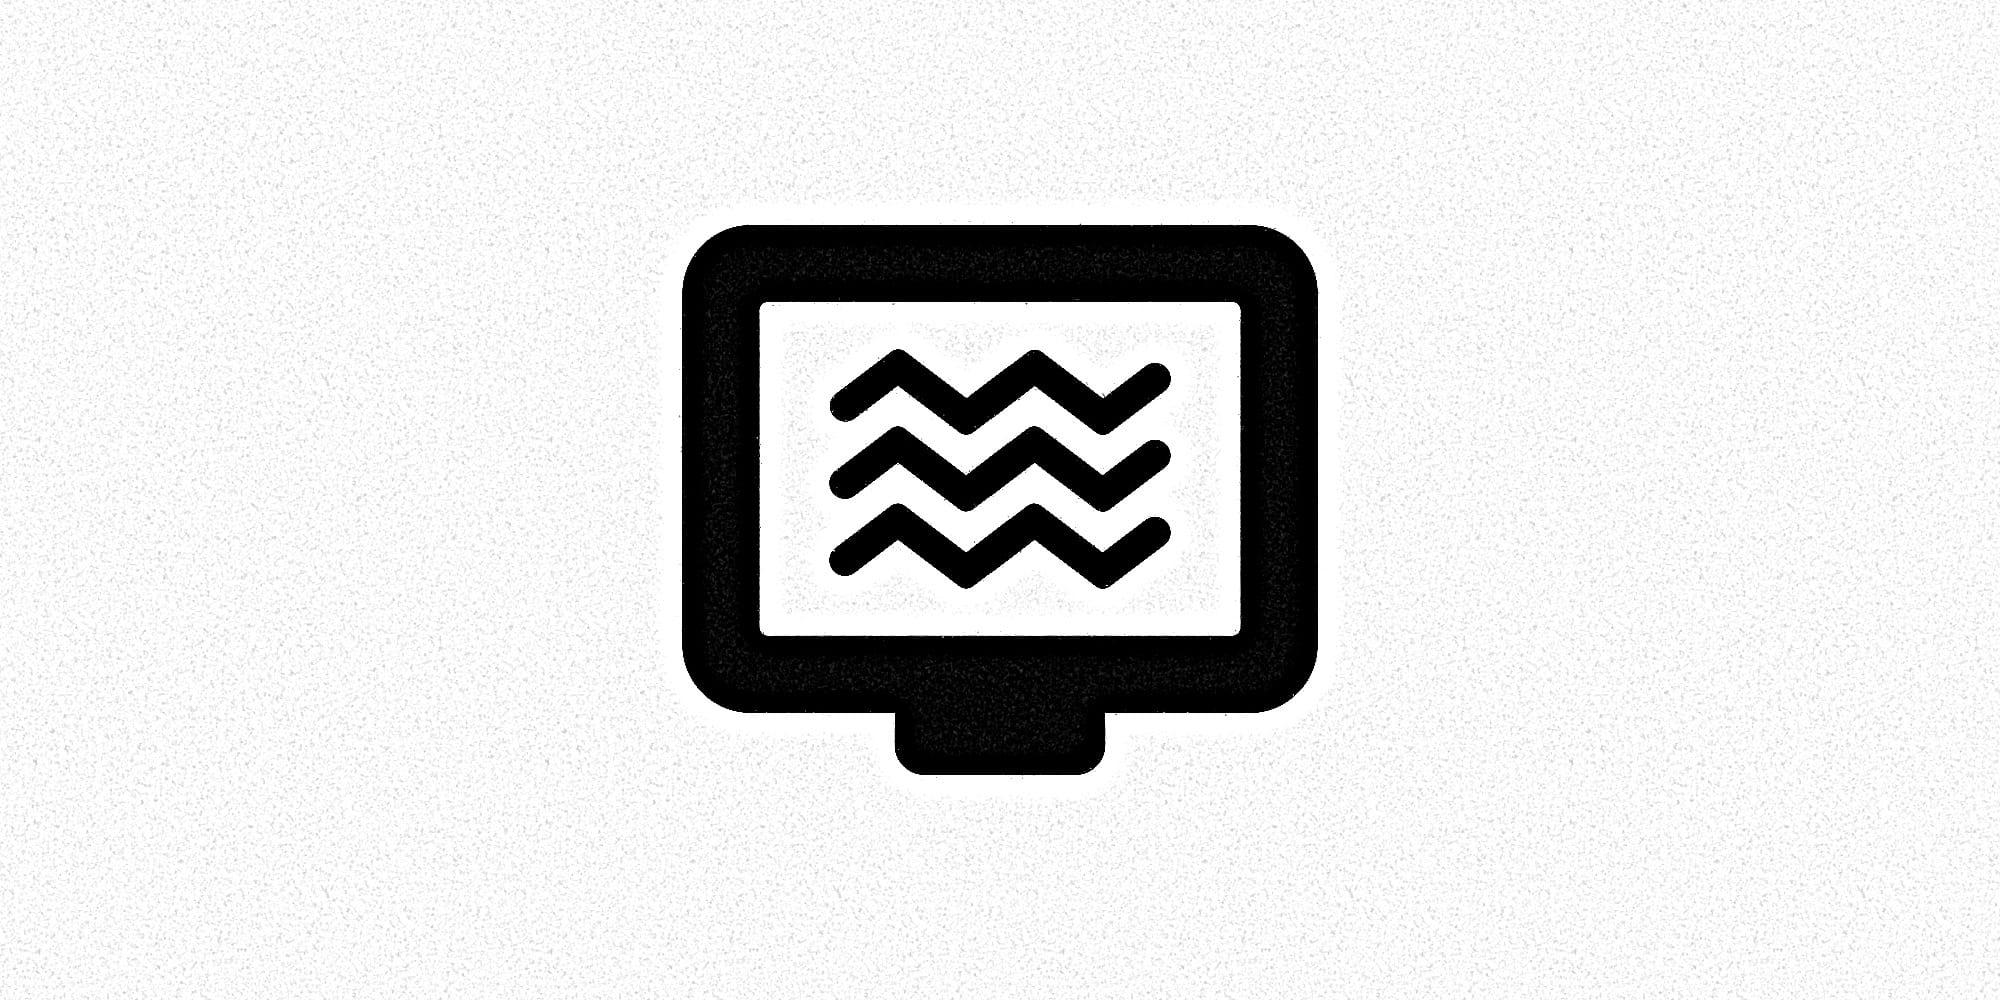 Grafische Darstellung eines Bildschirms mit Signalstörung.